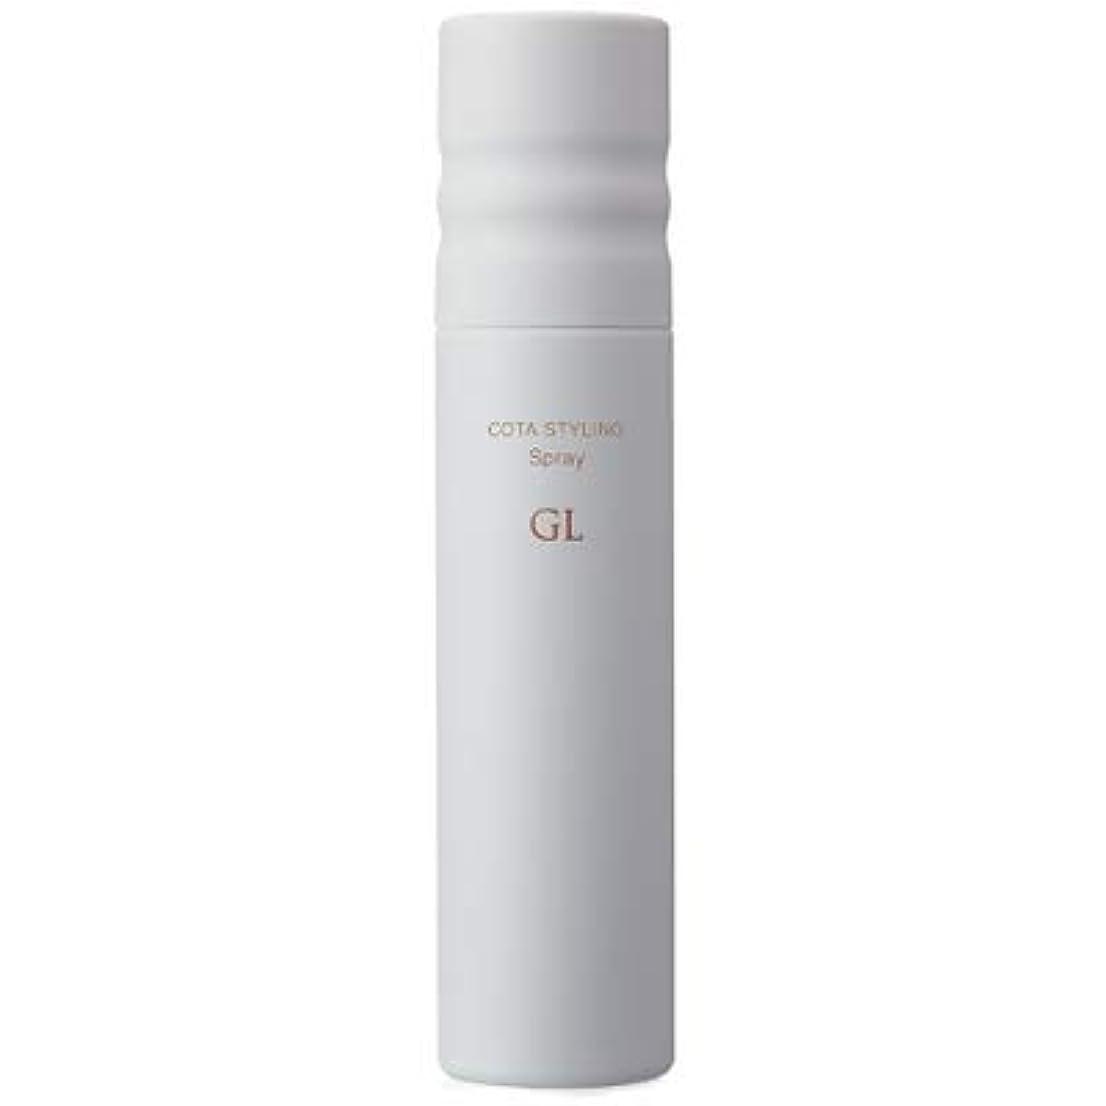 責任者市民理容室コタ スタイリングスプレー GL 100g